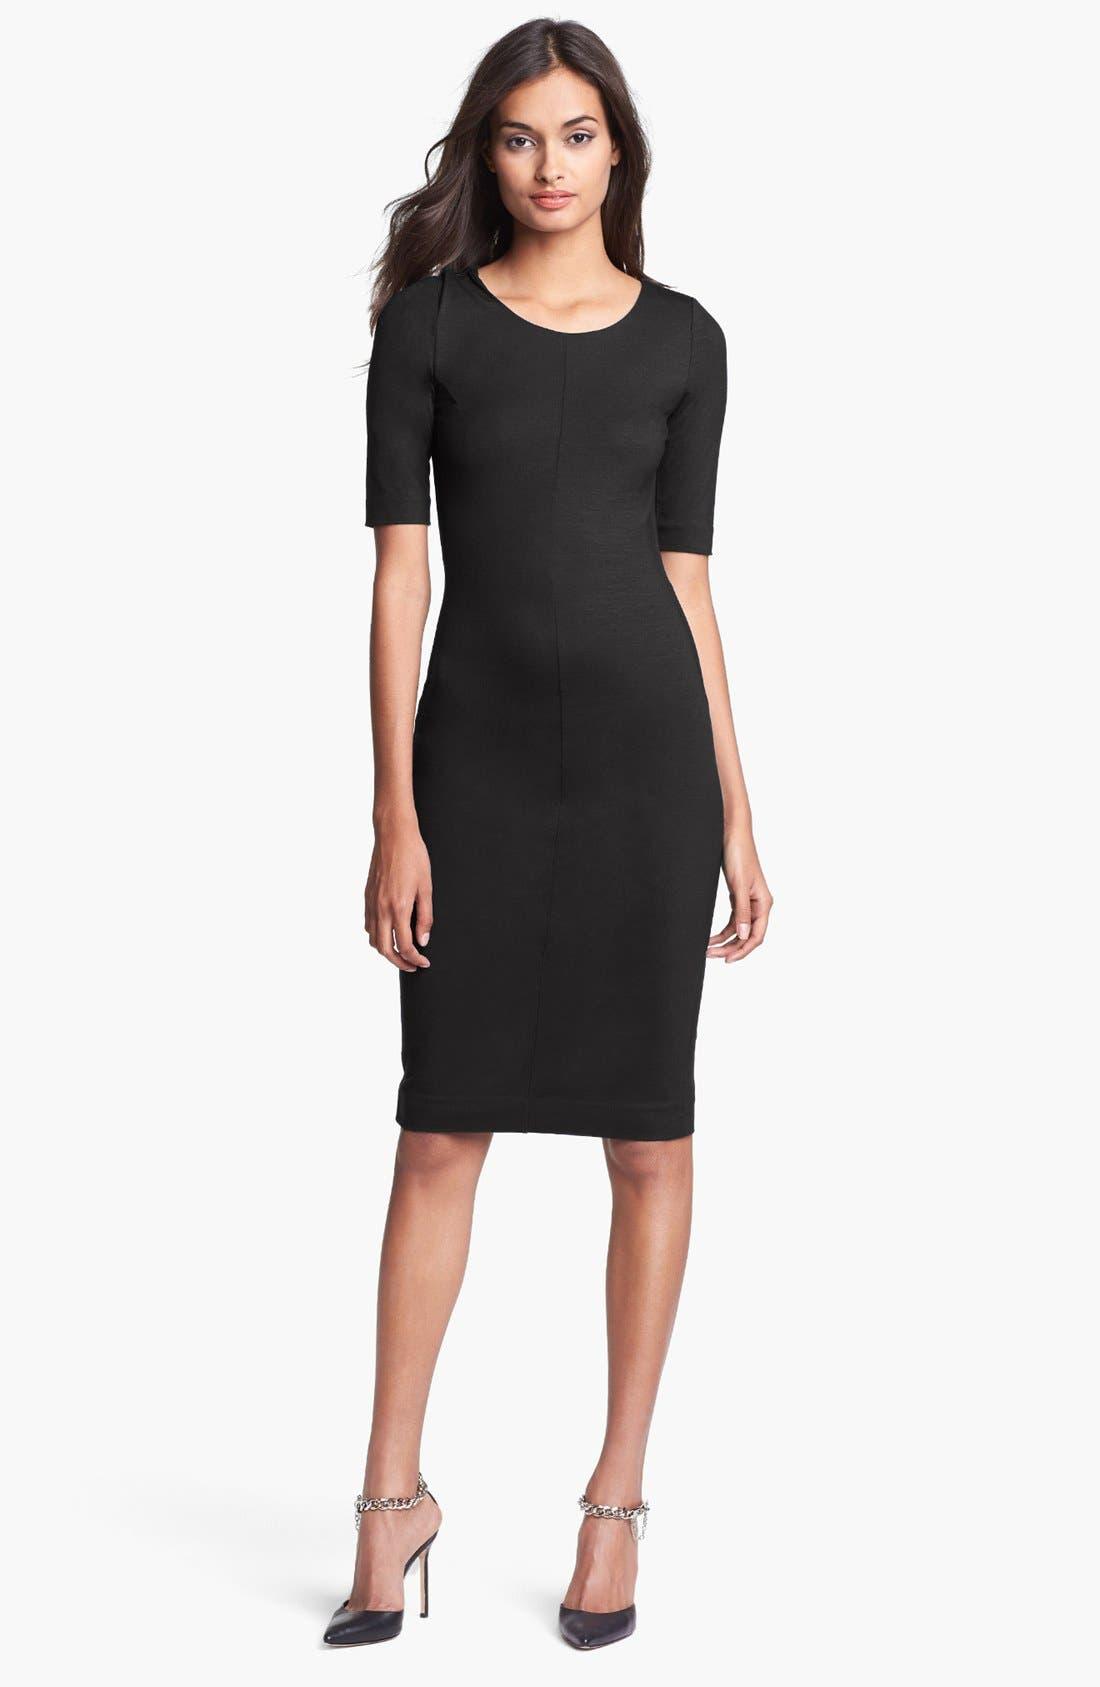 Main Image - Diane von Furstenberg 'Raquel' Knit Sheath Dress